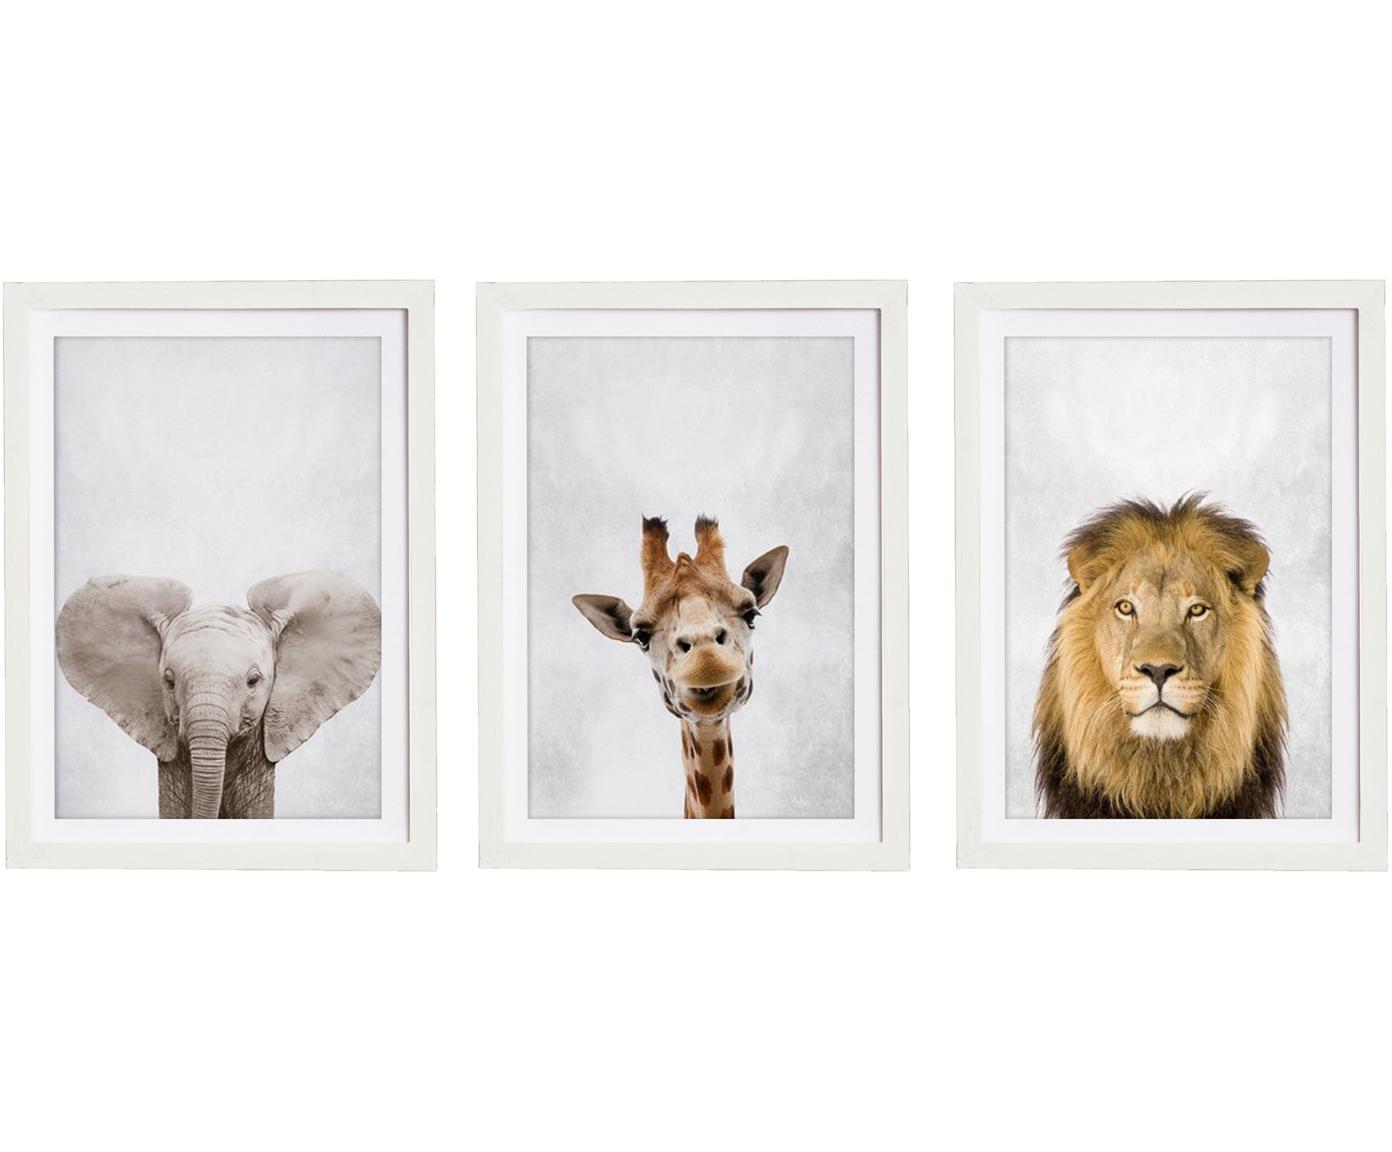 Gerahmtes Digitaldruck-Set Wild Animals, 3-tlg., Bild: Digitaldruck auf Papier, Rahmen: Holz, lackiert, Mehrfarbig, 30 x 40 cm